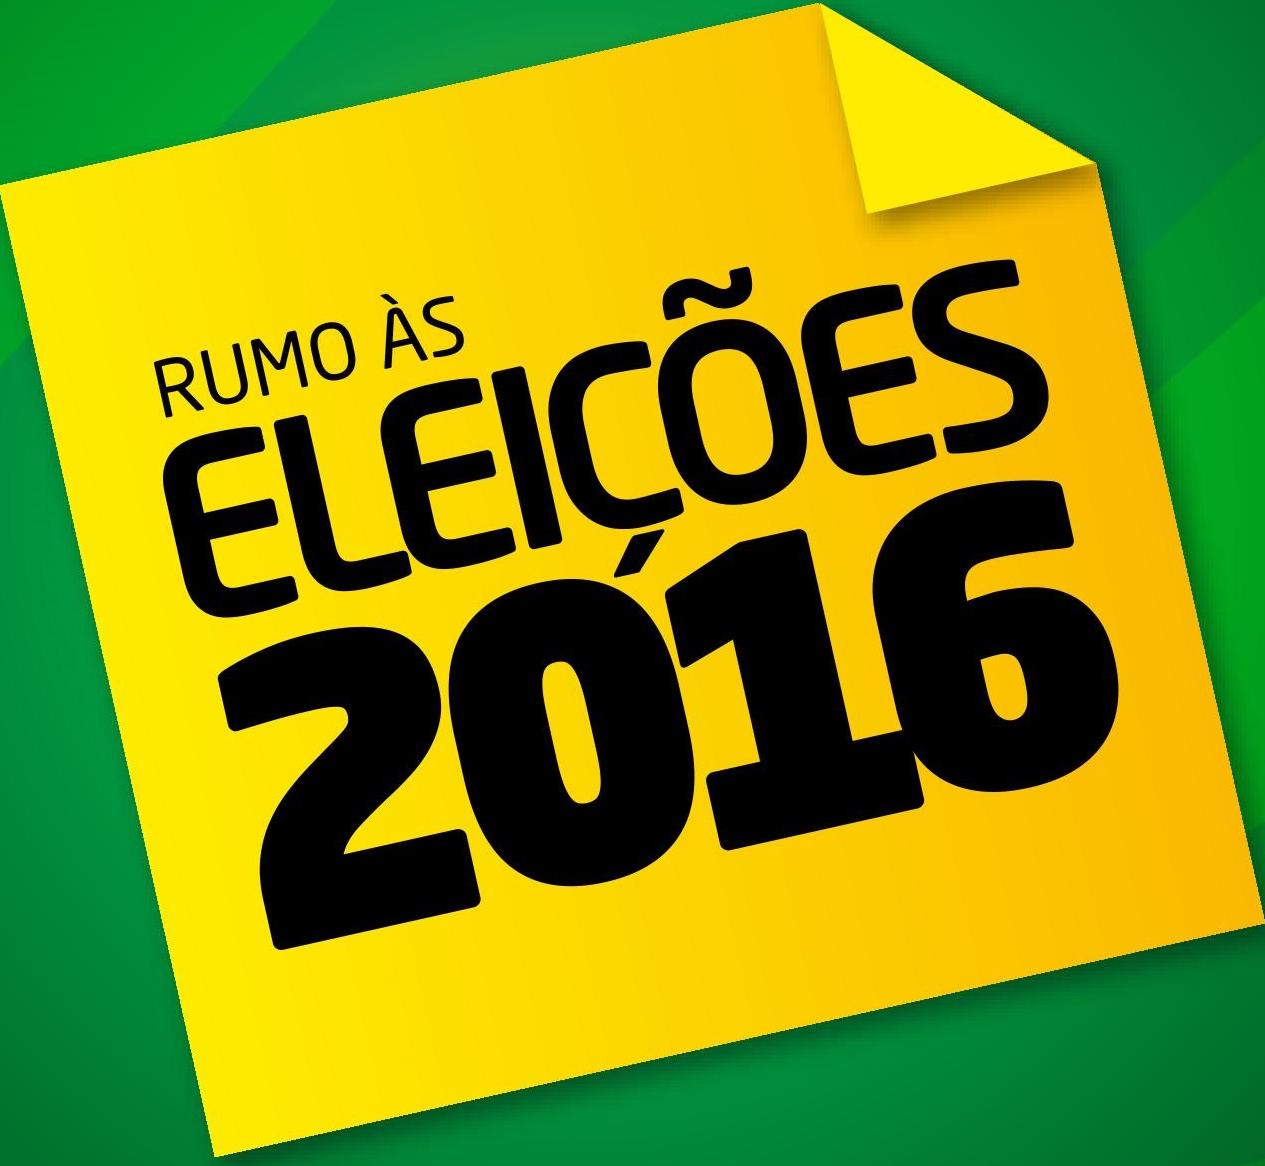 Rumo-as-eleições-2016